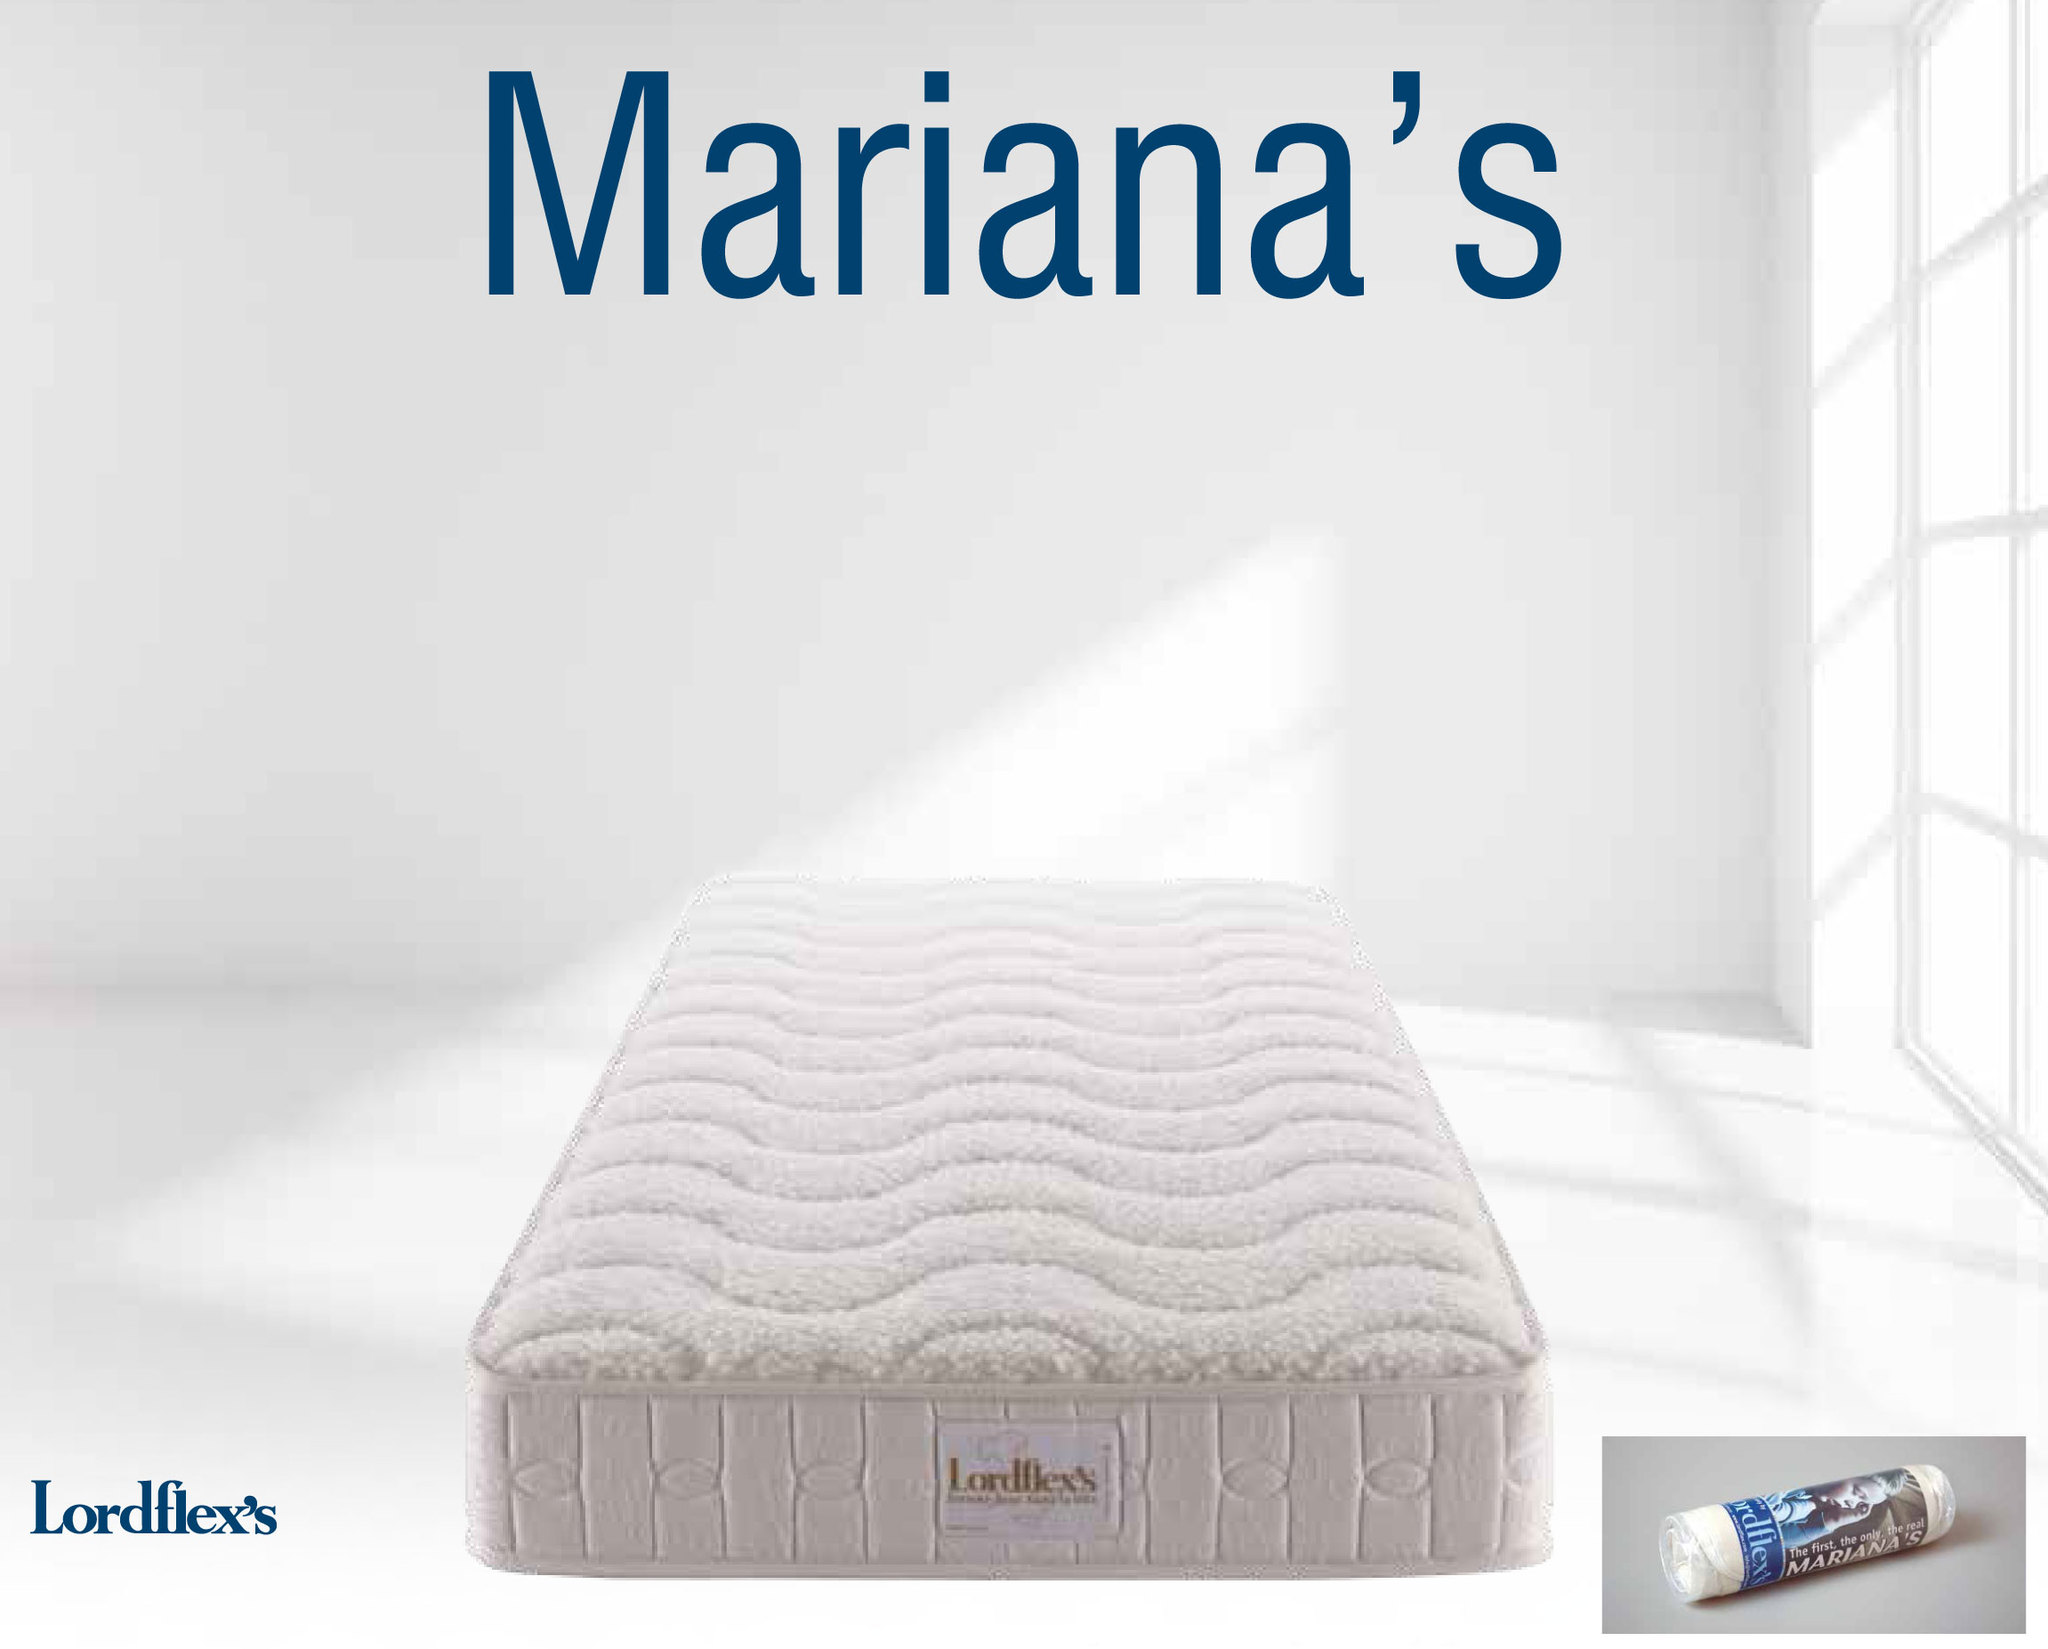 Матрасы Матрас ортопедический Lordflex's Mariana's 120х200 до 140 кг в вакуумной упаковке 1_Mariana_s.jpg